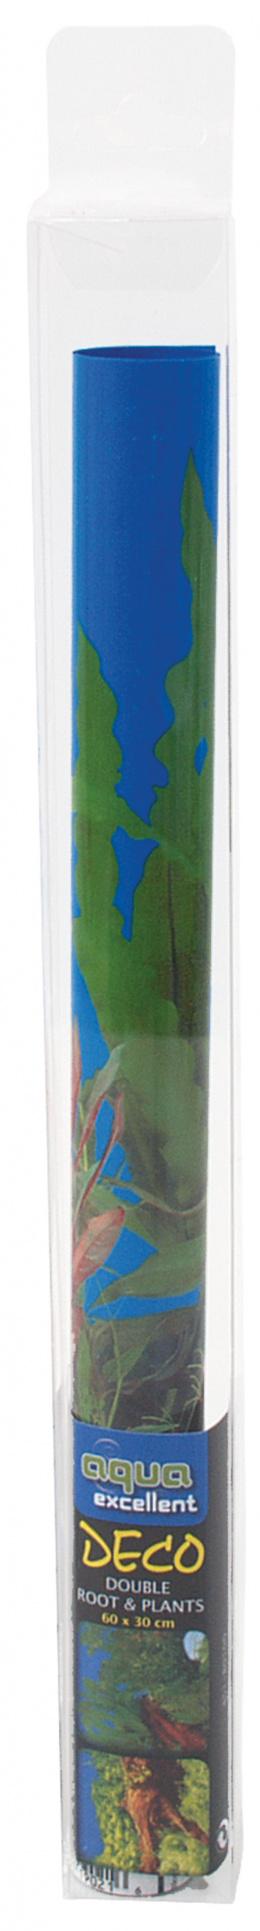 Fons akvārijam - Fons abpusējs 150*60cm